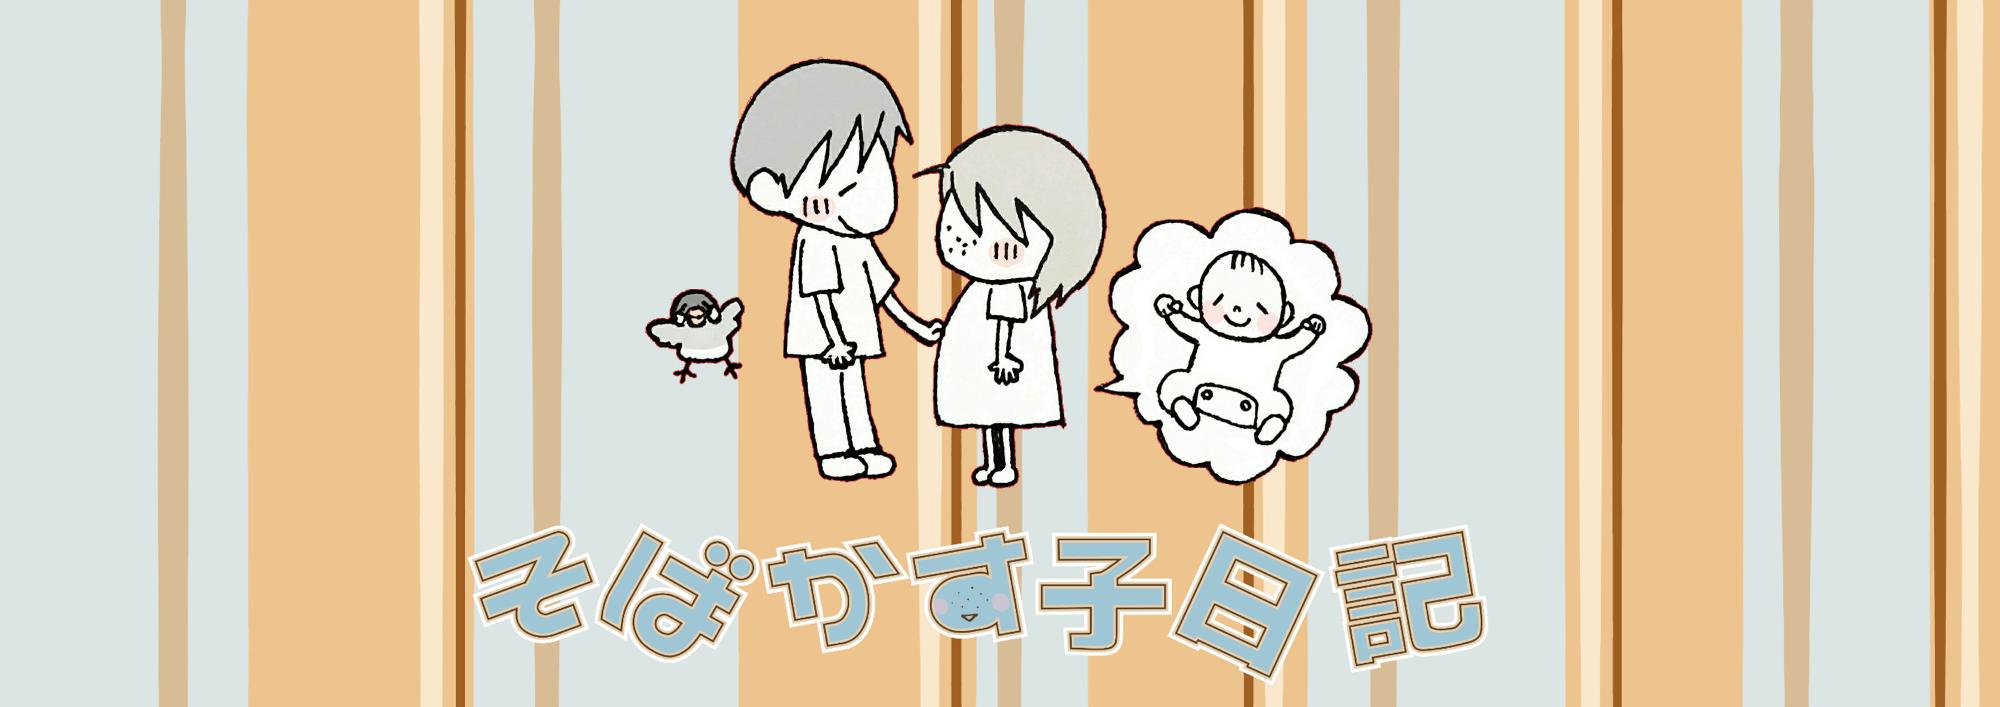 結婚相談所の基礎知識とコツ そばかす子日記